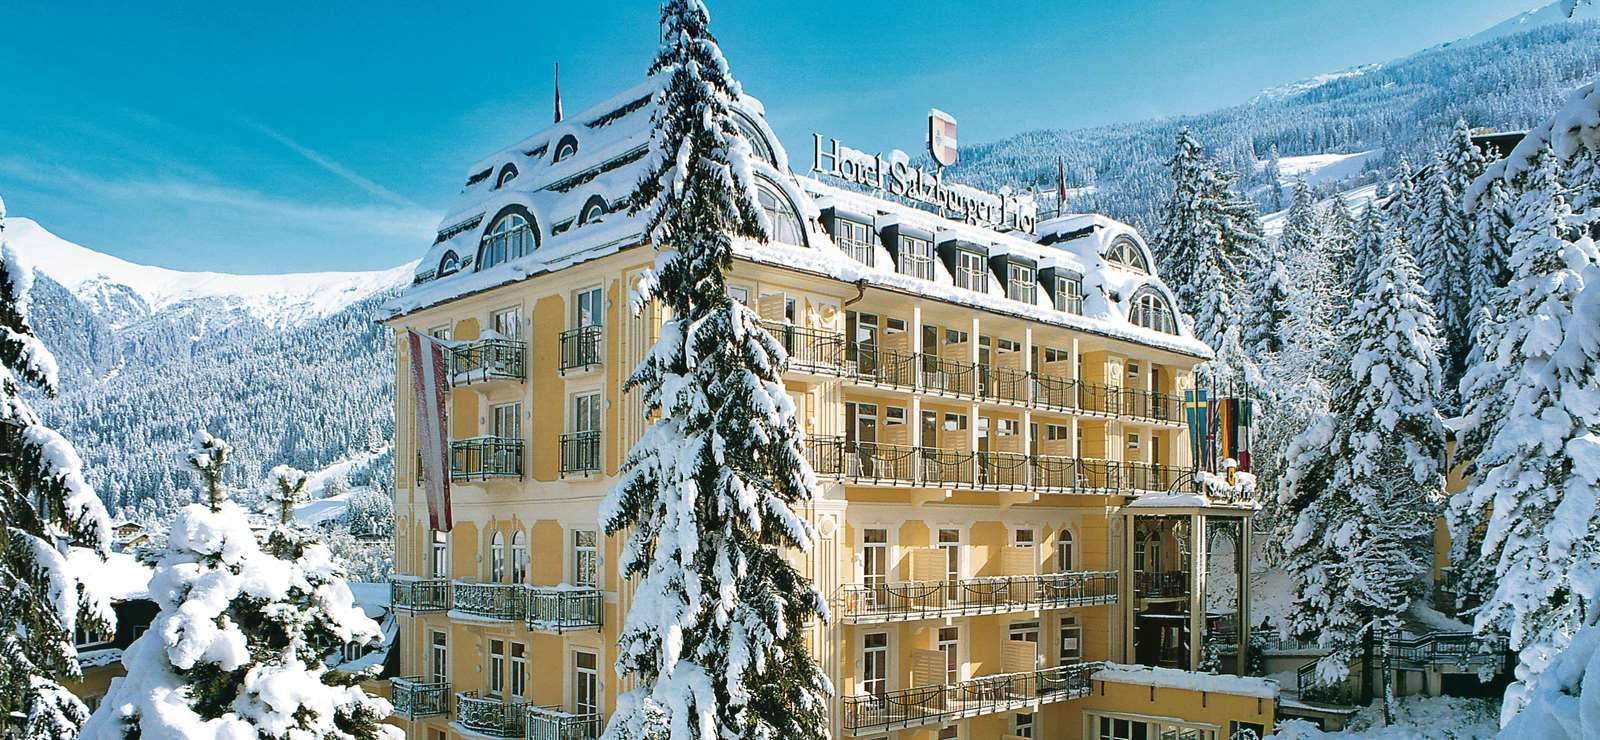 The Hotel Salzburger Hof in Bad Gastein